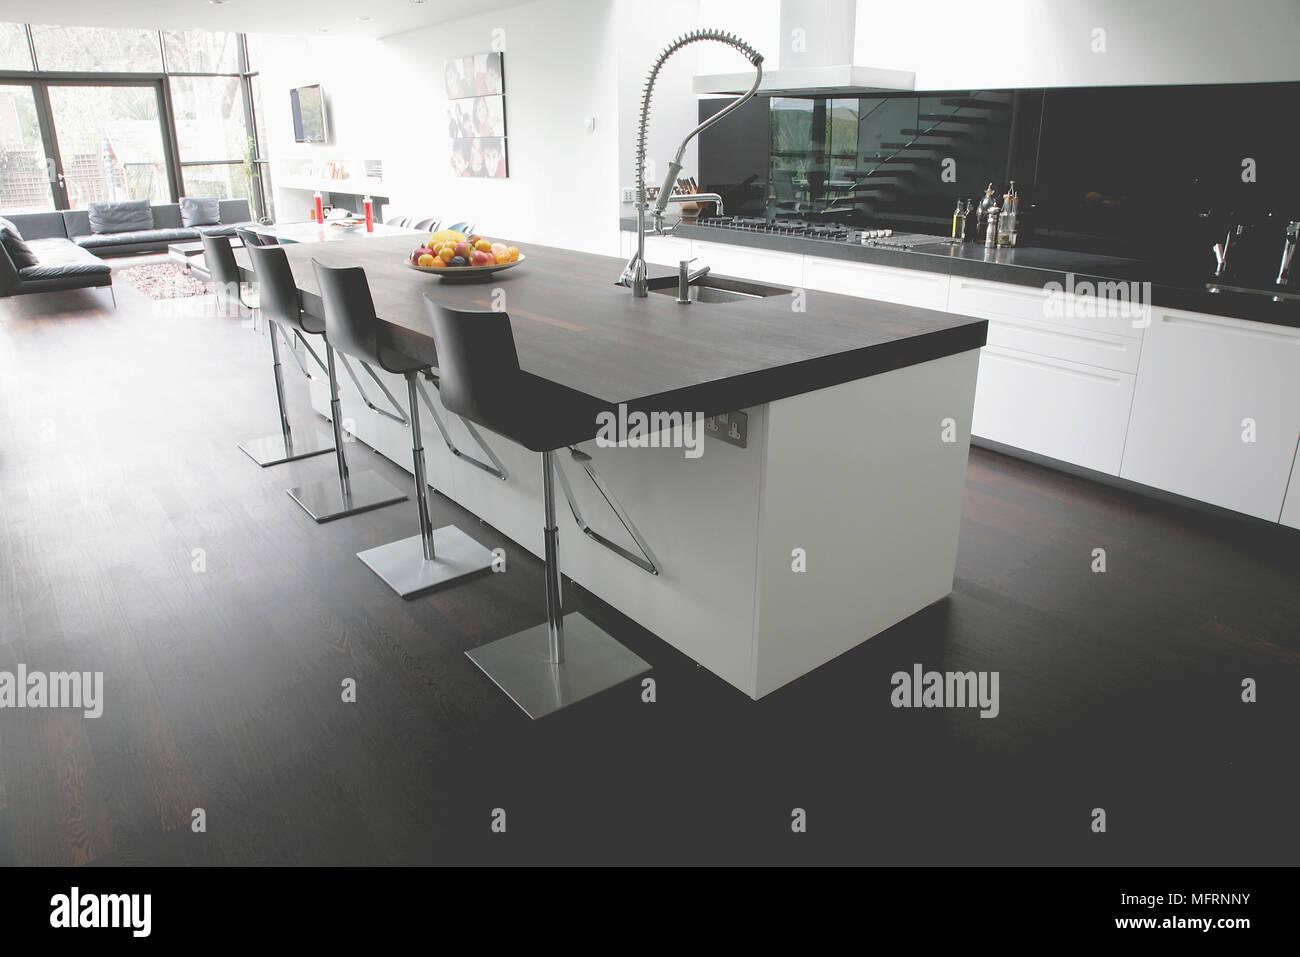 Barhocker Auf Zentraler Kochinsel In Moderne Geraumige Offene Kuche Stockfotografie Alamy